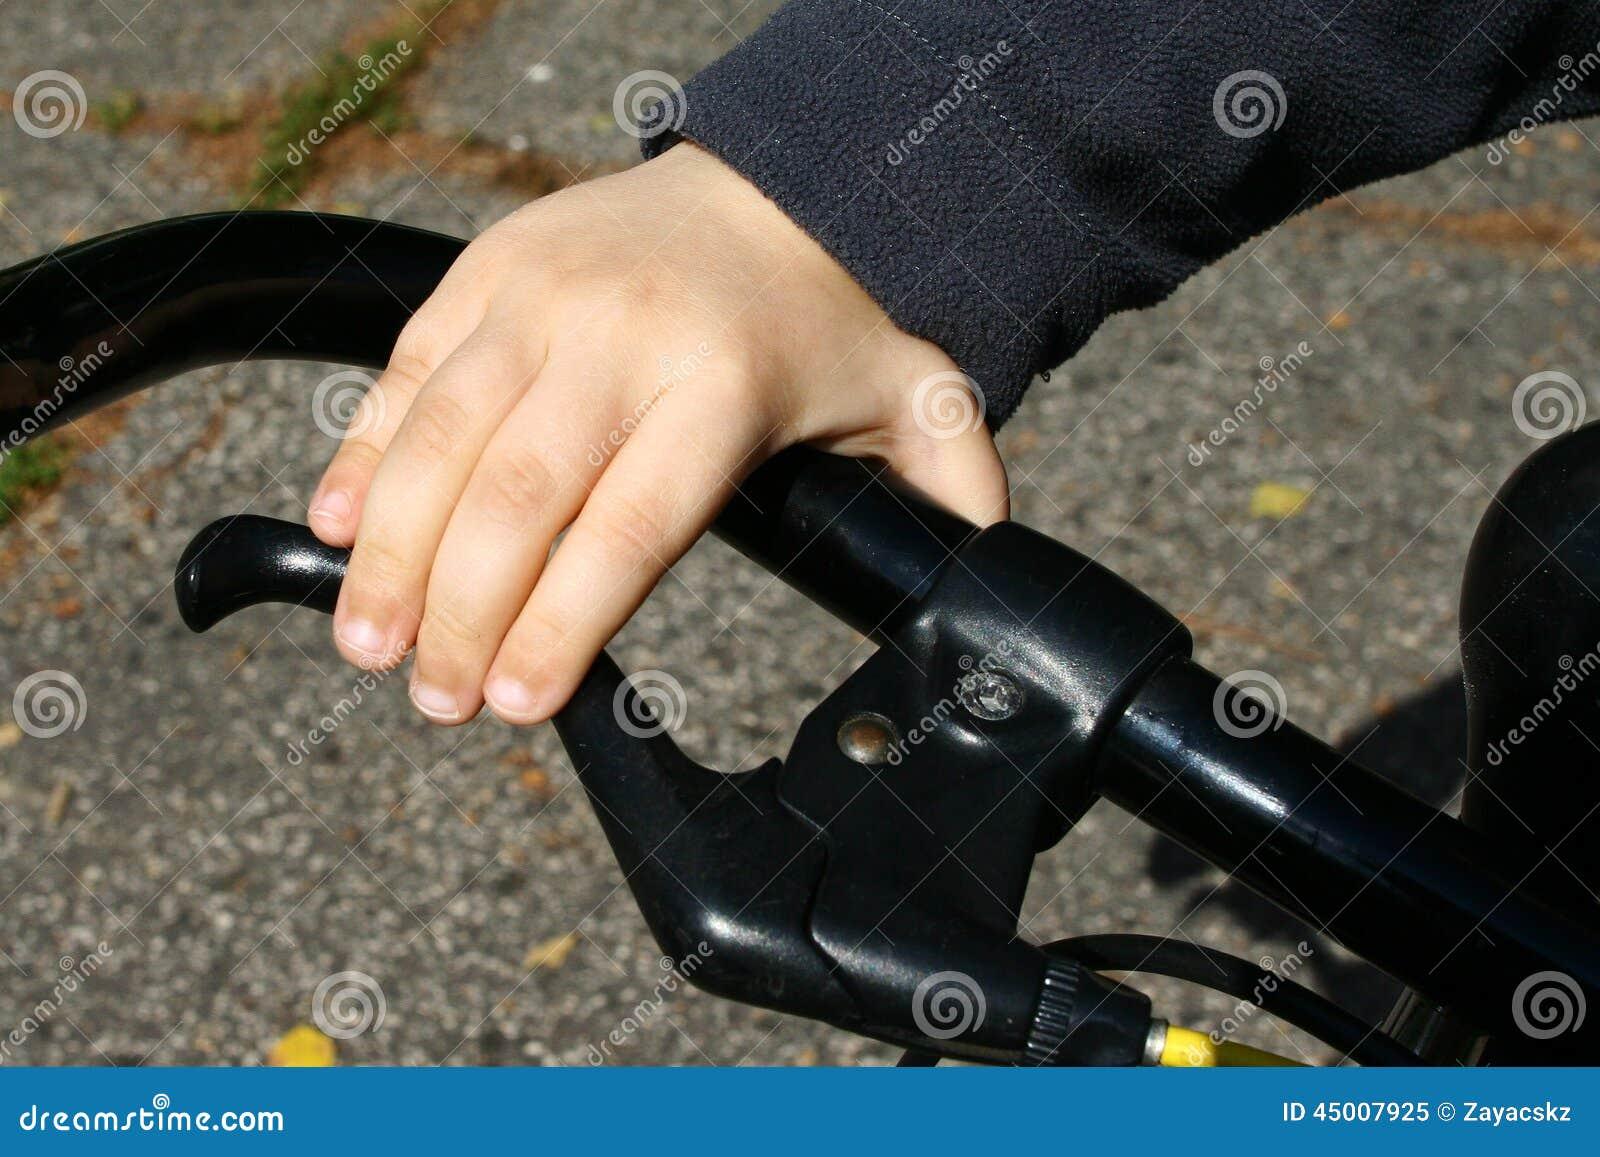 4 Jahre alte Jungenhand auf schwarzer Fahrradgriffbremse